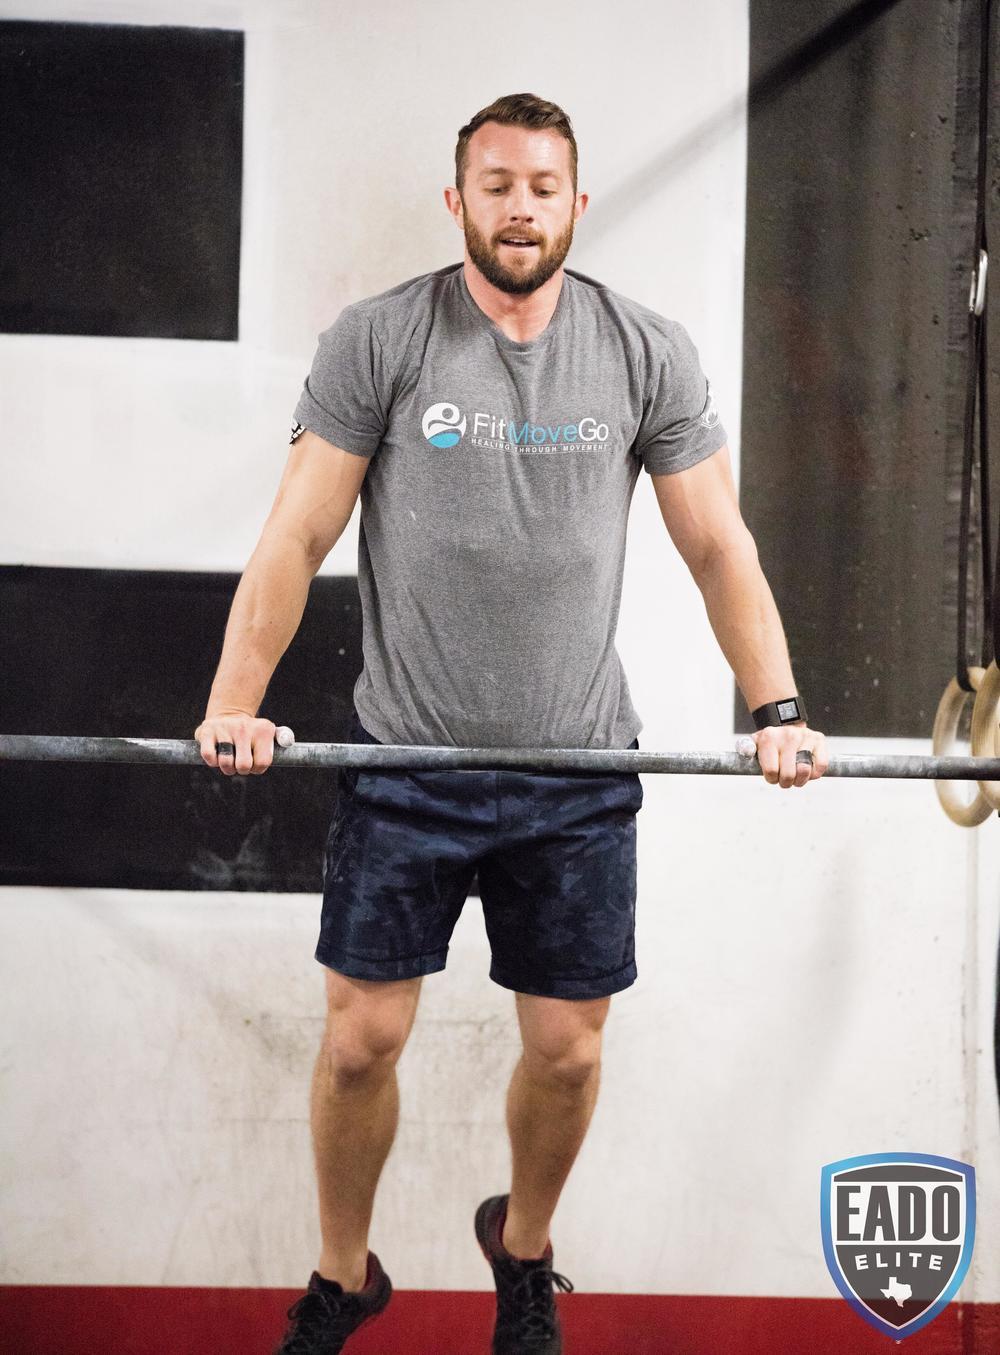 EaDo Elite Athlete Dallas Henson Photo Credit: Sierra Prime